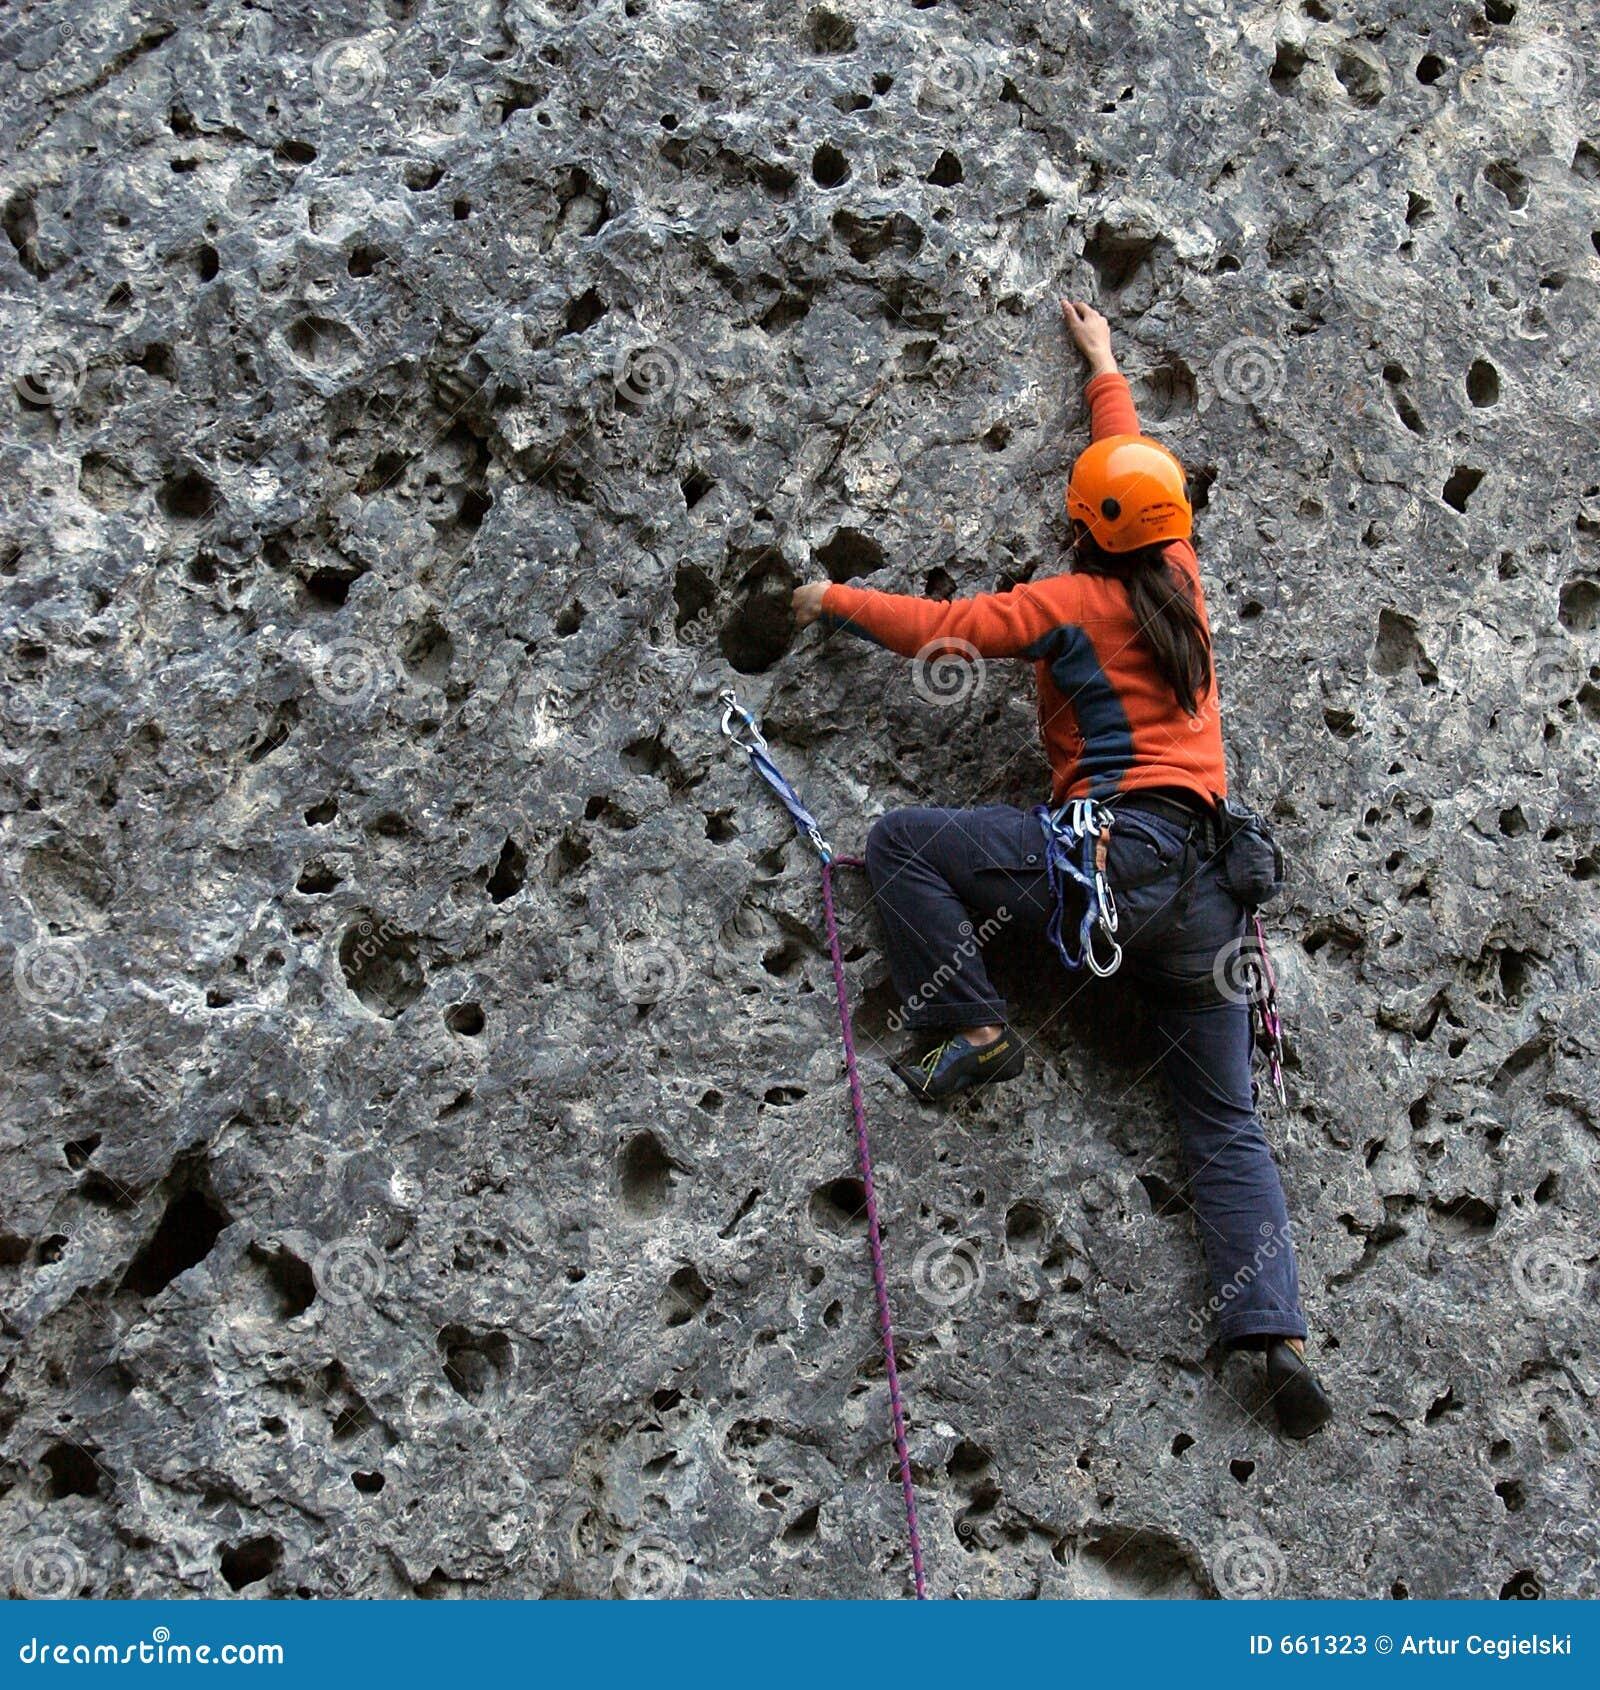 Vertical climbing